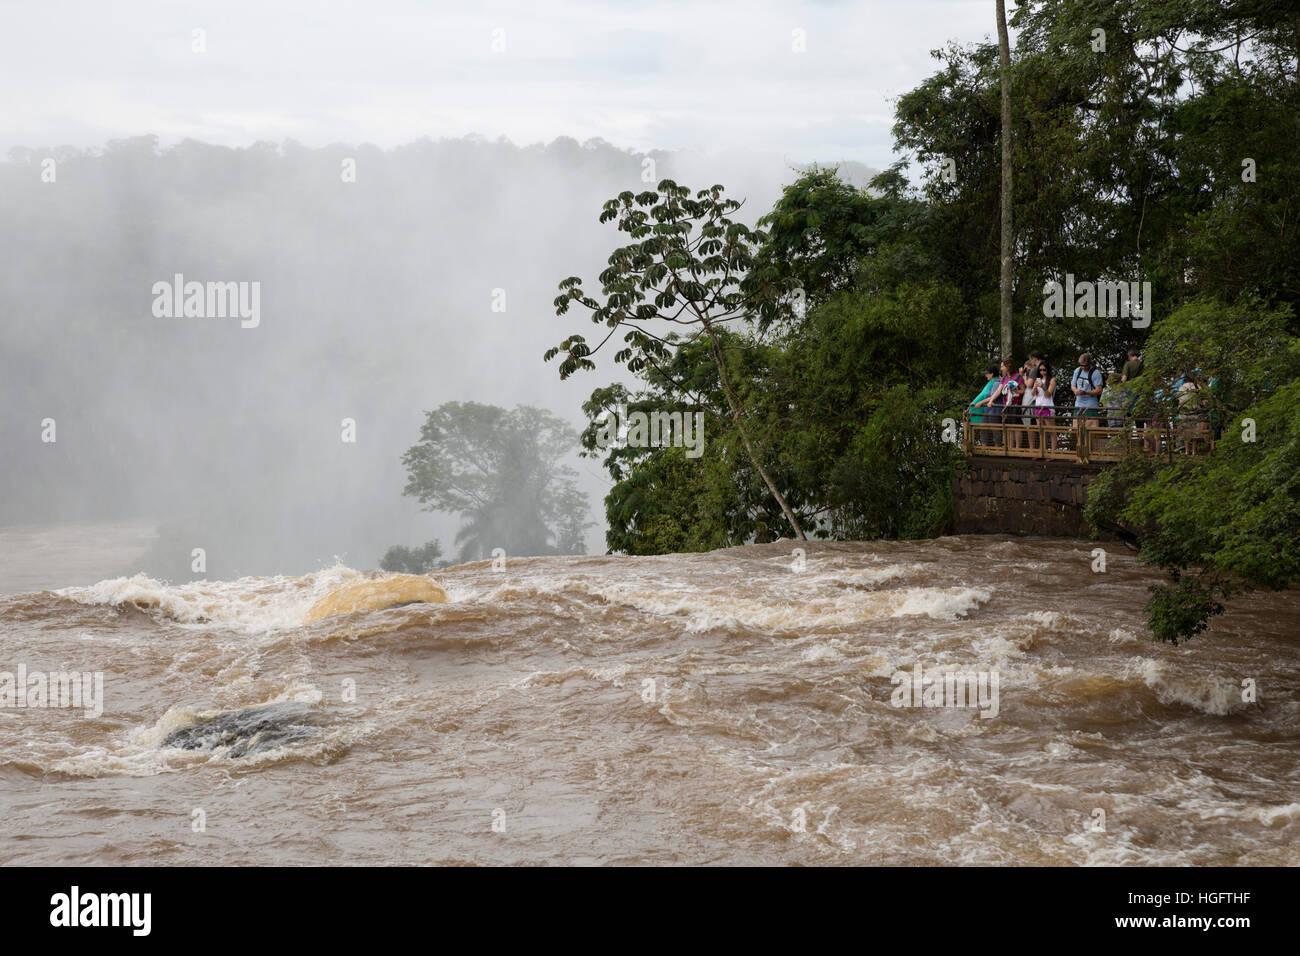 Cataratas del Iguazú, Parque Nacional Iguazú, provincia de Misiones, en el Nordeste, Argentina, Sudamérica Imagen De Stock